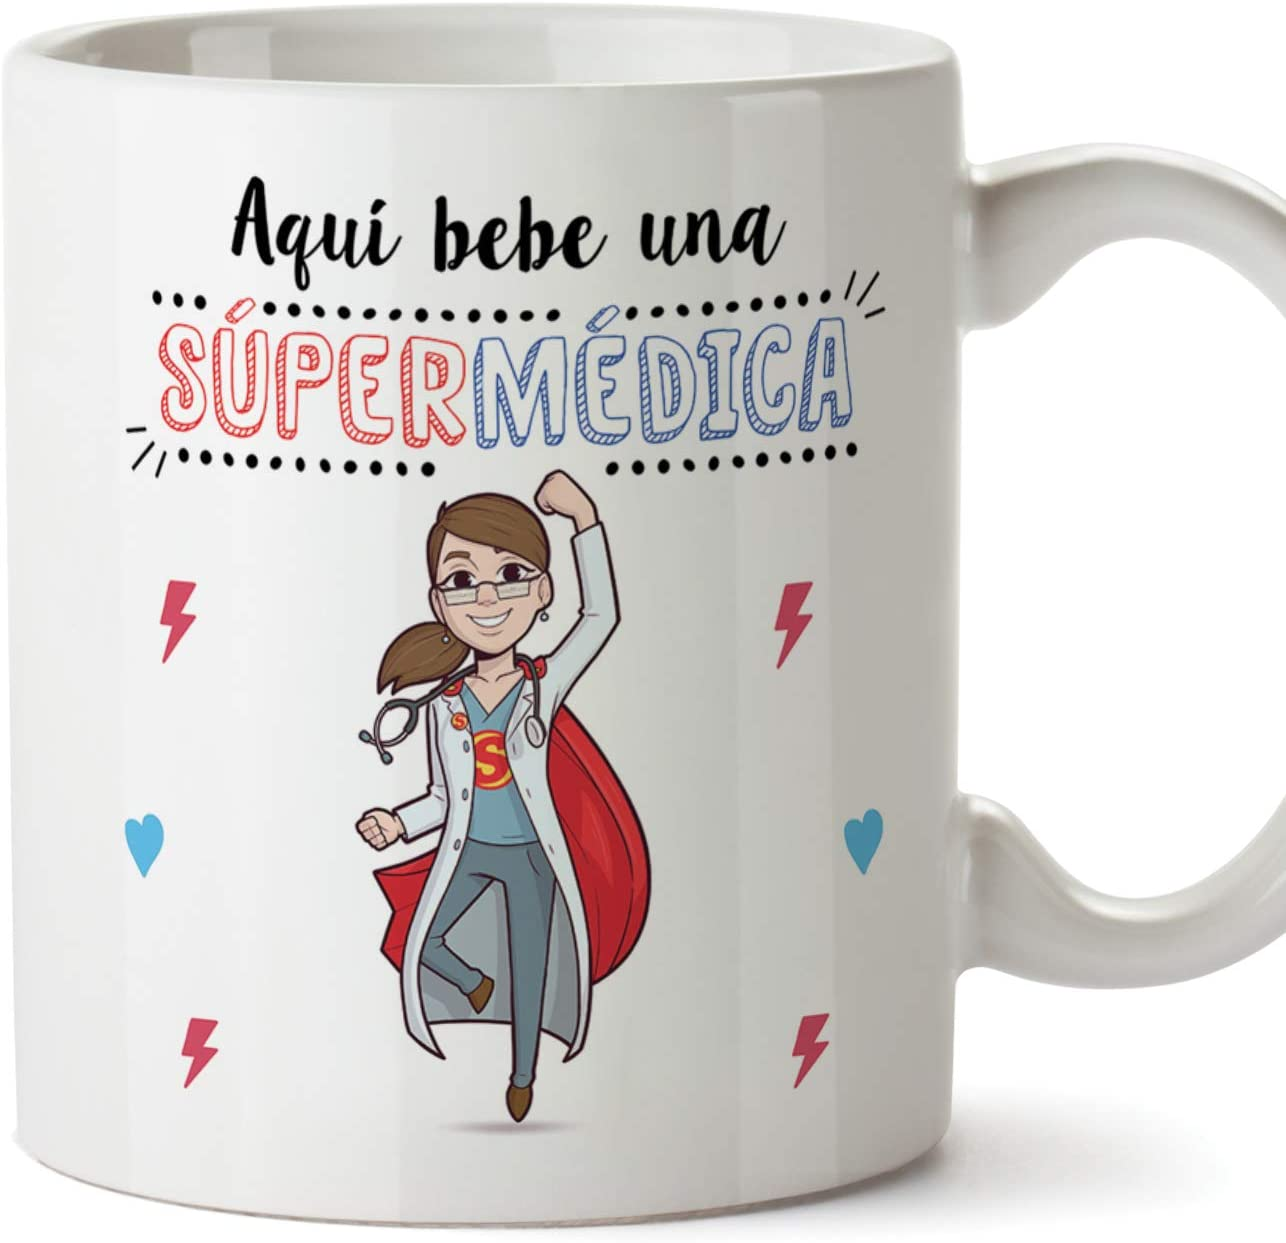 MUGFFINS Médica Tazas Originales de café y Desayuno para Regalar a Trabajadores Profesionales - AQUÍ Bebe UNA SÚPER MÉDICA - Cerámica 350 ml